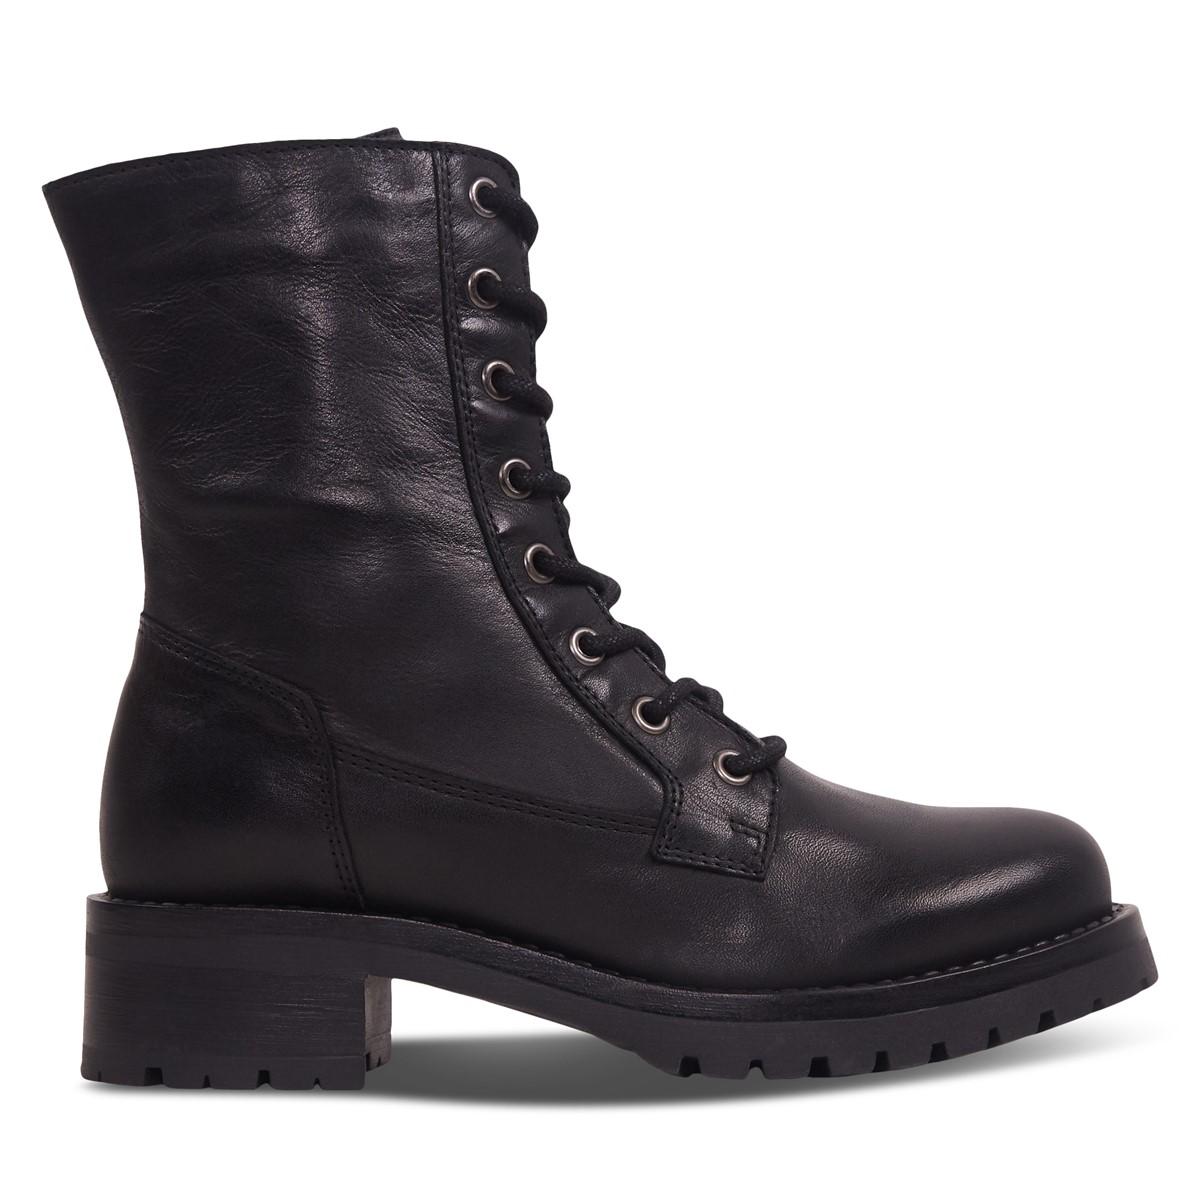 Women's Kylian Tall Boots in Black